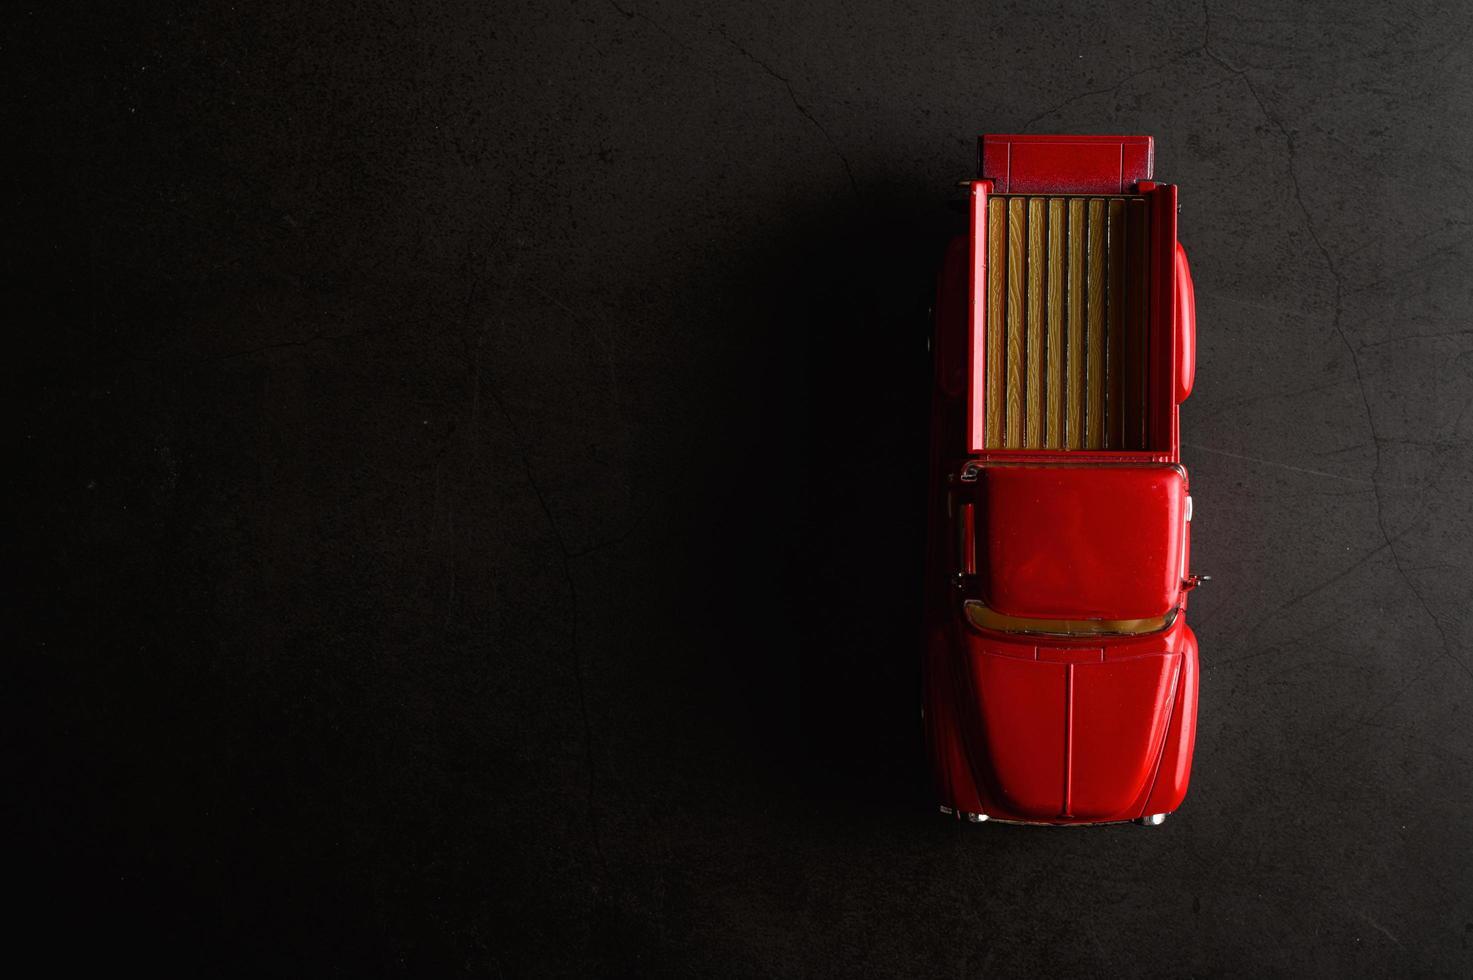 röd pickup modell lastbil på ett svart golv foto